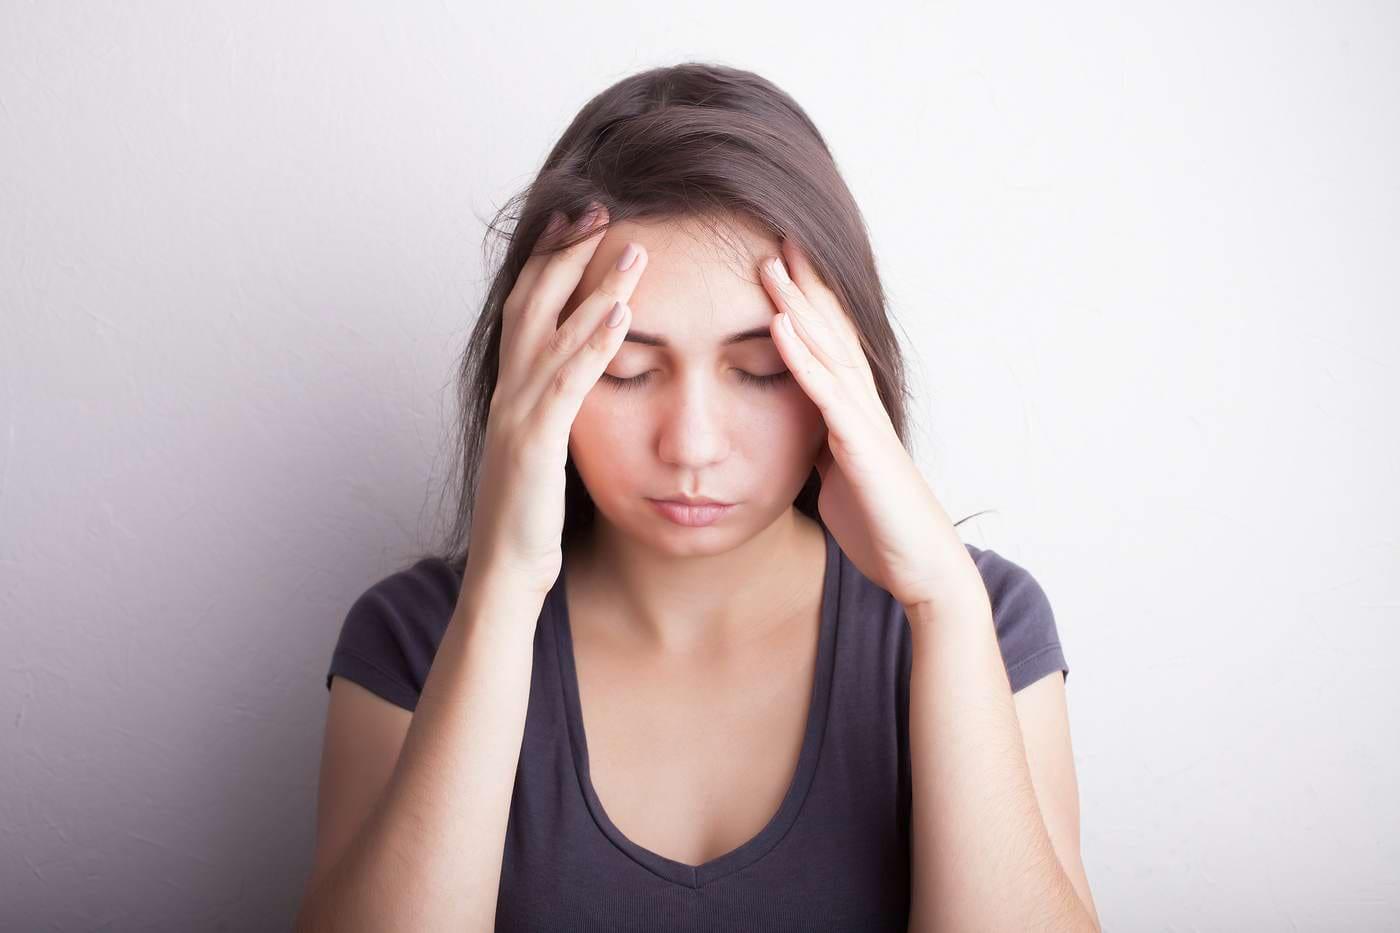 Sfaturi la îndemână împotriva durerilor de cap